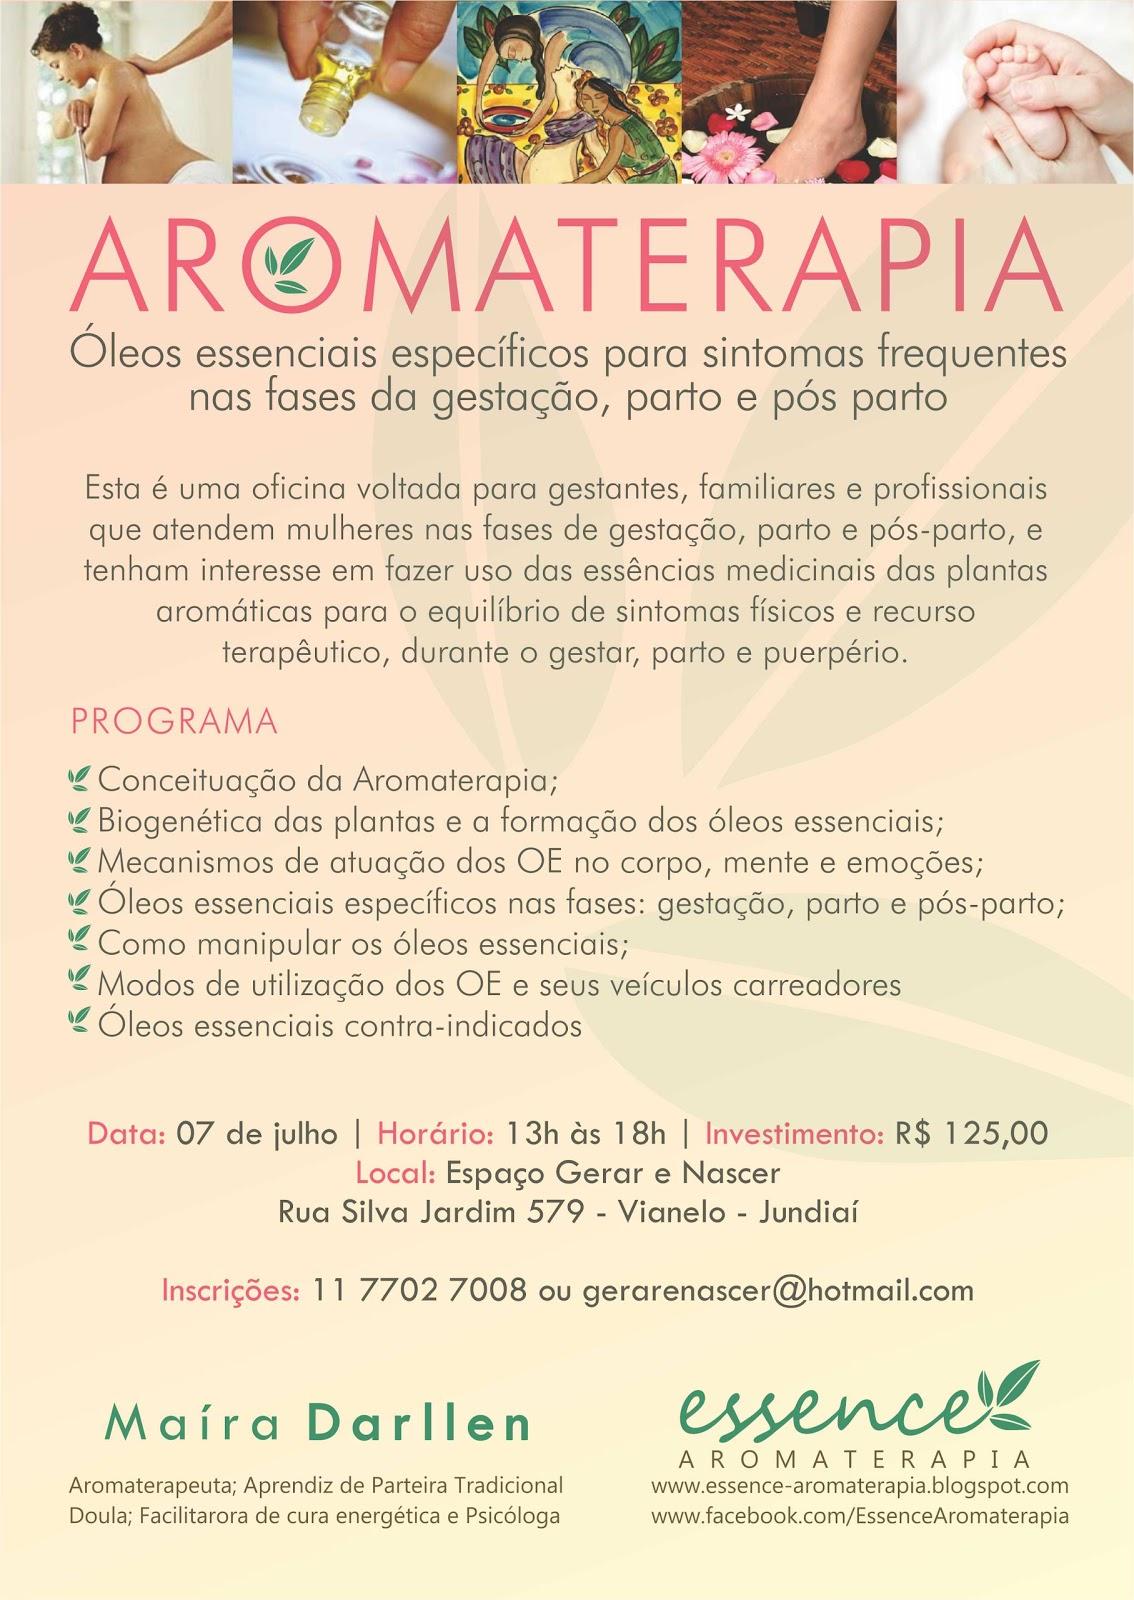 curso de aromaterapia para gestação, parto e pós parto espaçocurso de aromaterapia para gestação, parto e pós parto